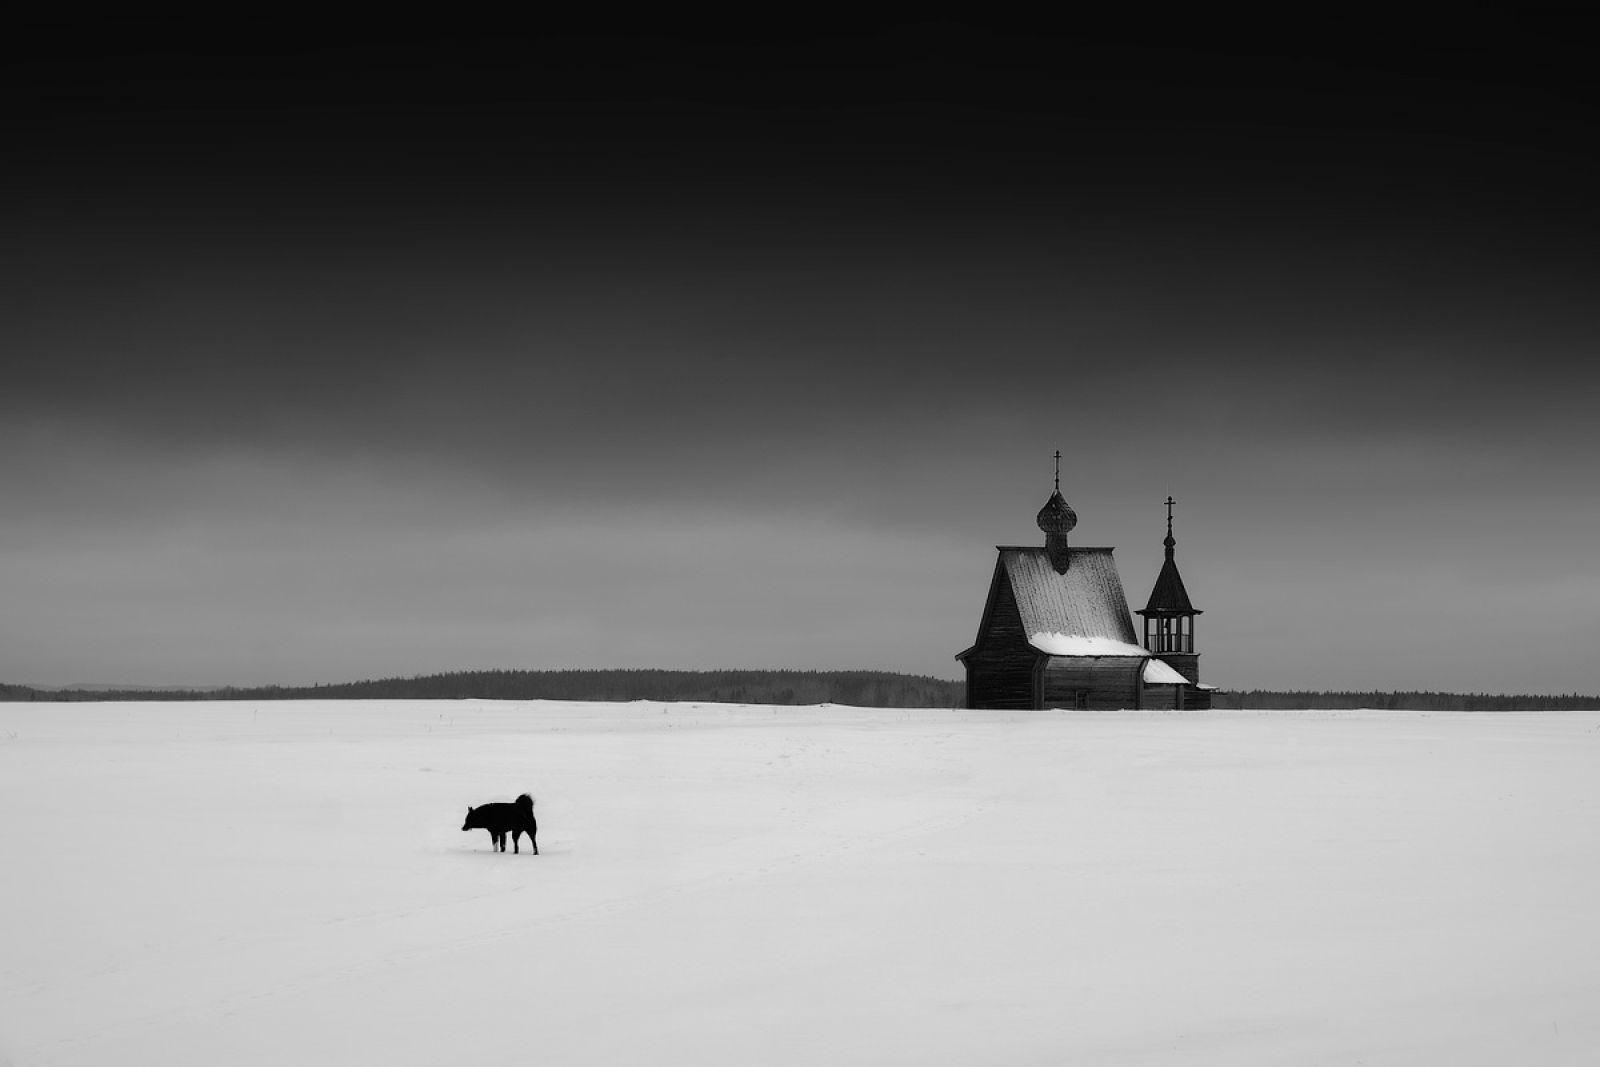 Кенозерский минимализм, © Алексей Оборотов, Финалист фотоконкурса «Самая красивая страна – 2018»